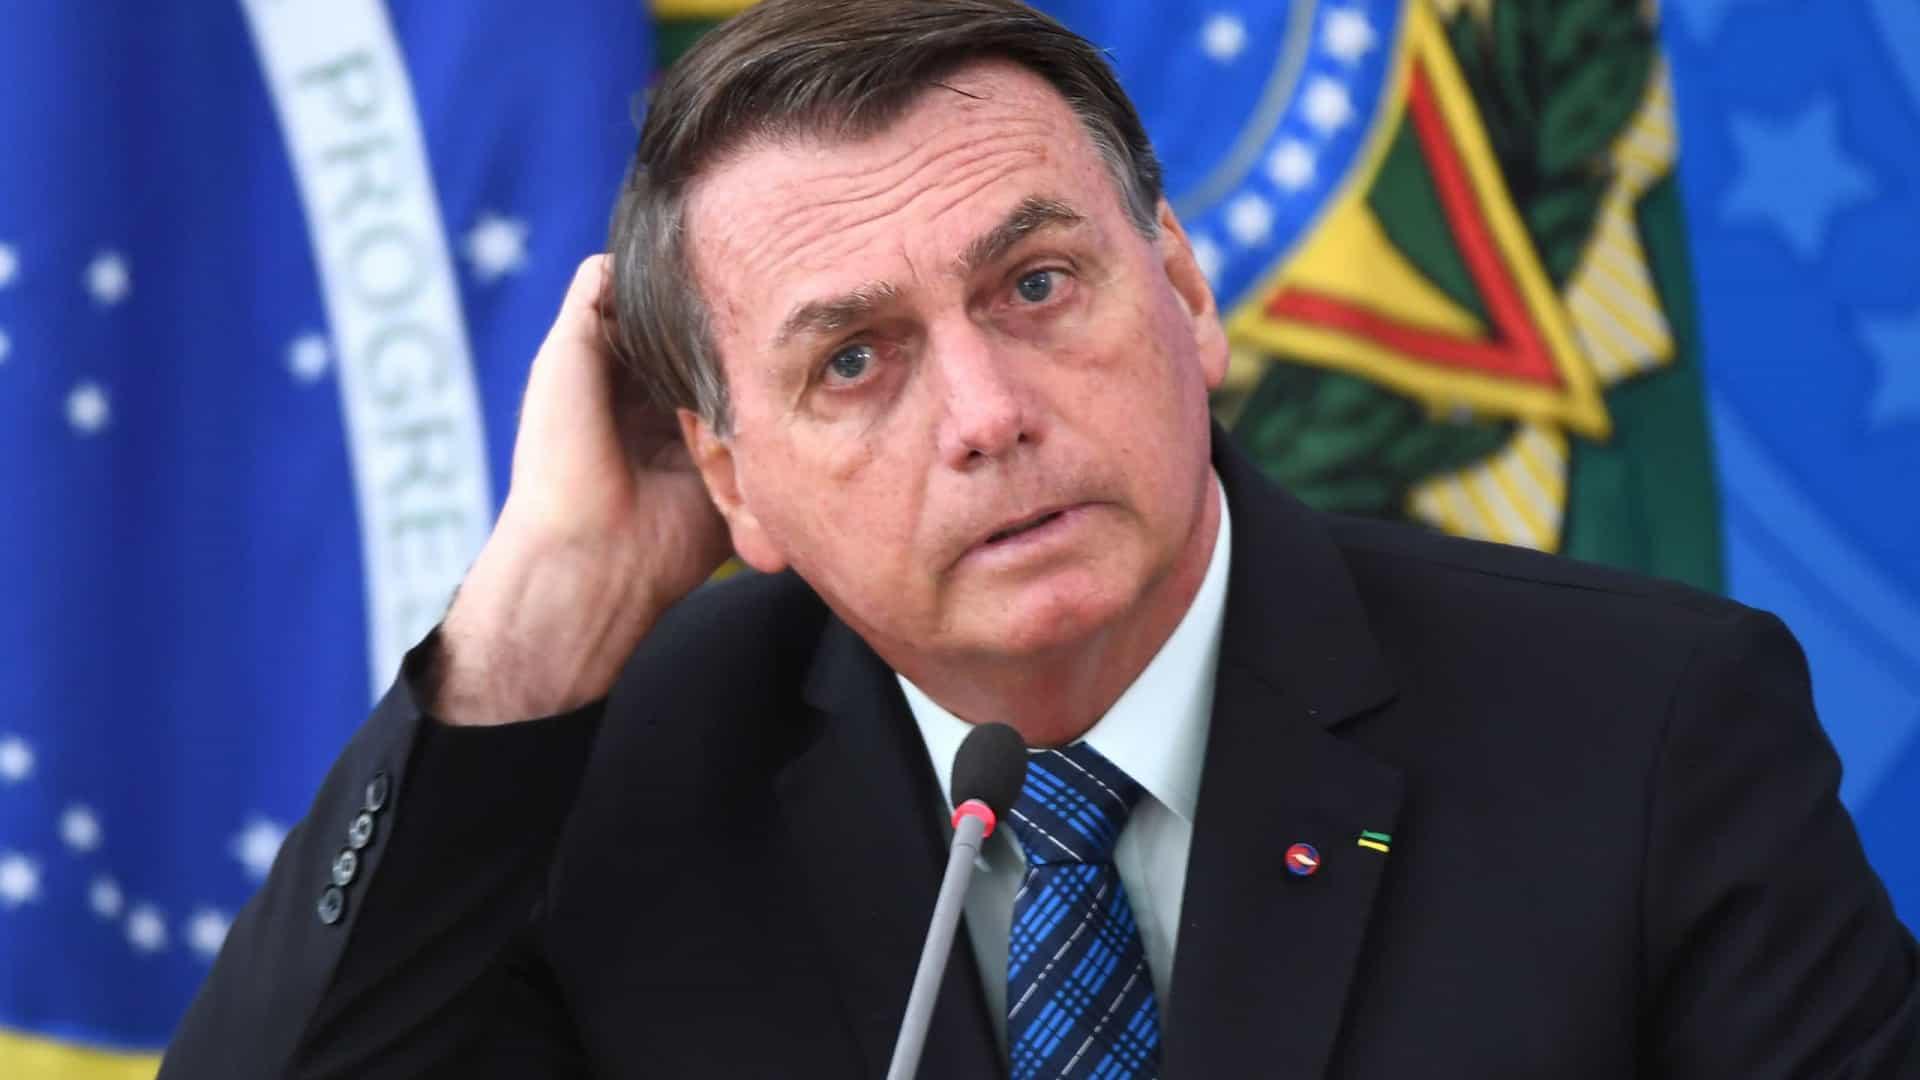 naom 60219b9d361a4 - DE LADEIRA ABAIXO: apenas 26% consideram governo Bolsonaro bom ou ótimo, 49% classificam como ruim ou péssimo